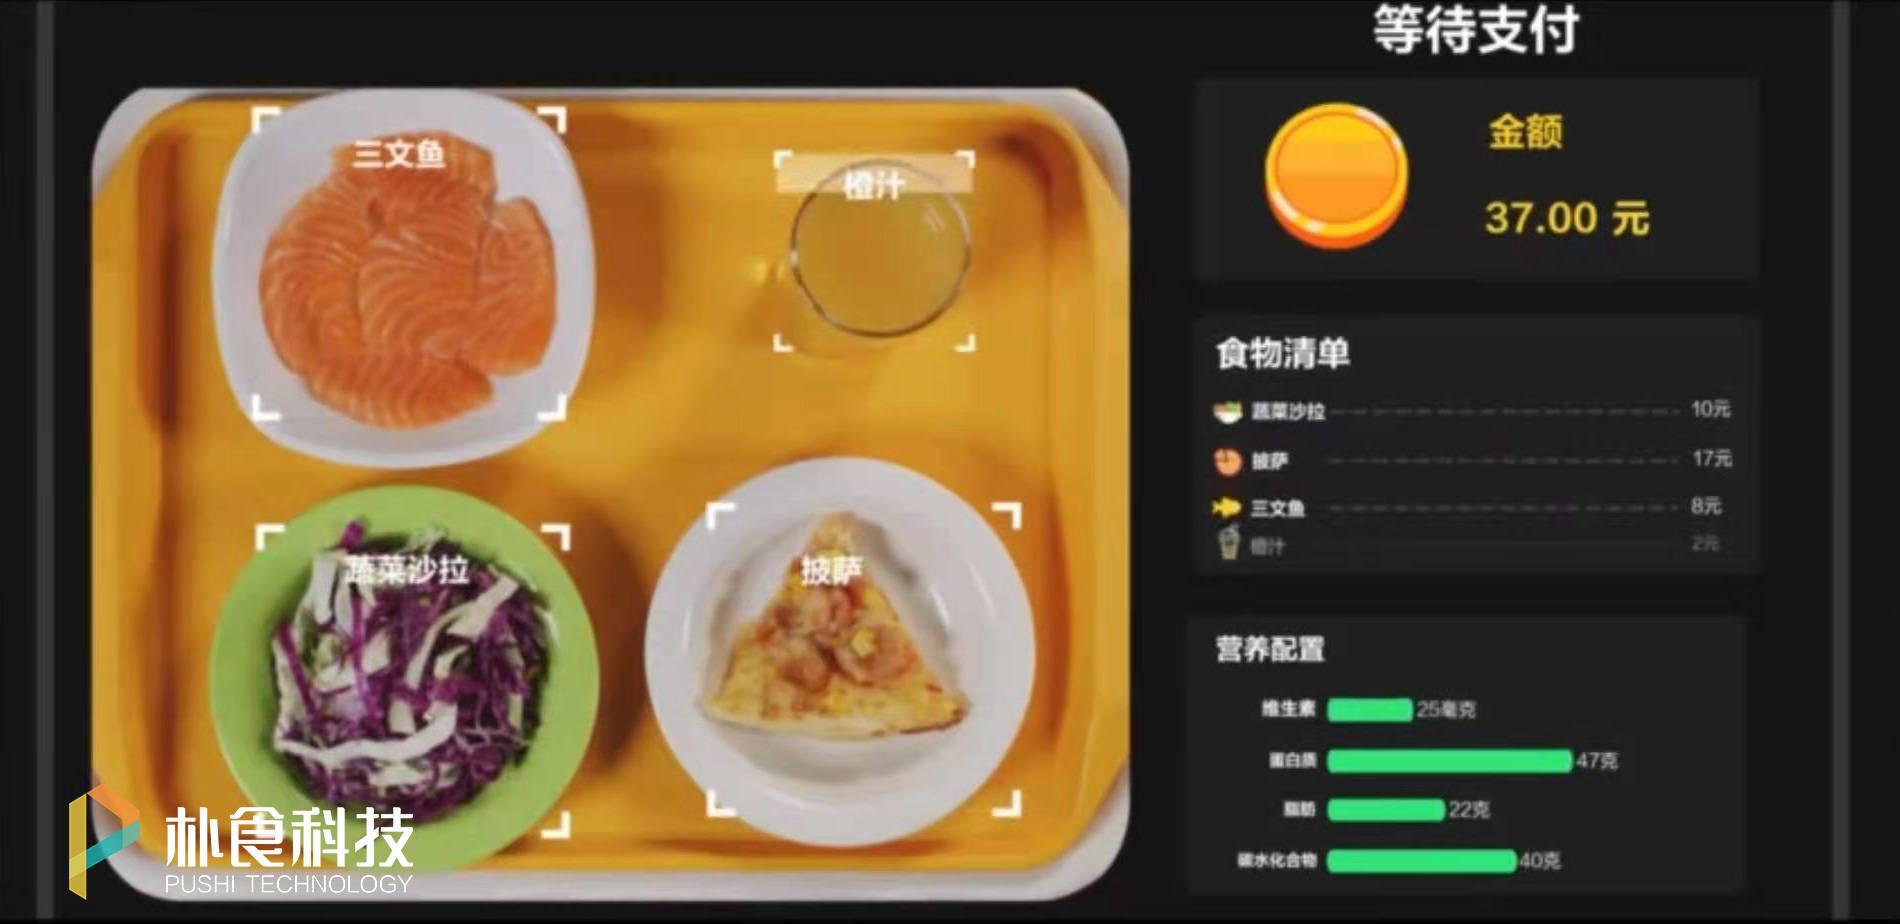 朴食科技与华为、索迪斯合作推出智慧结算新方案 | 餐厅服务效率再上一个阶梯